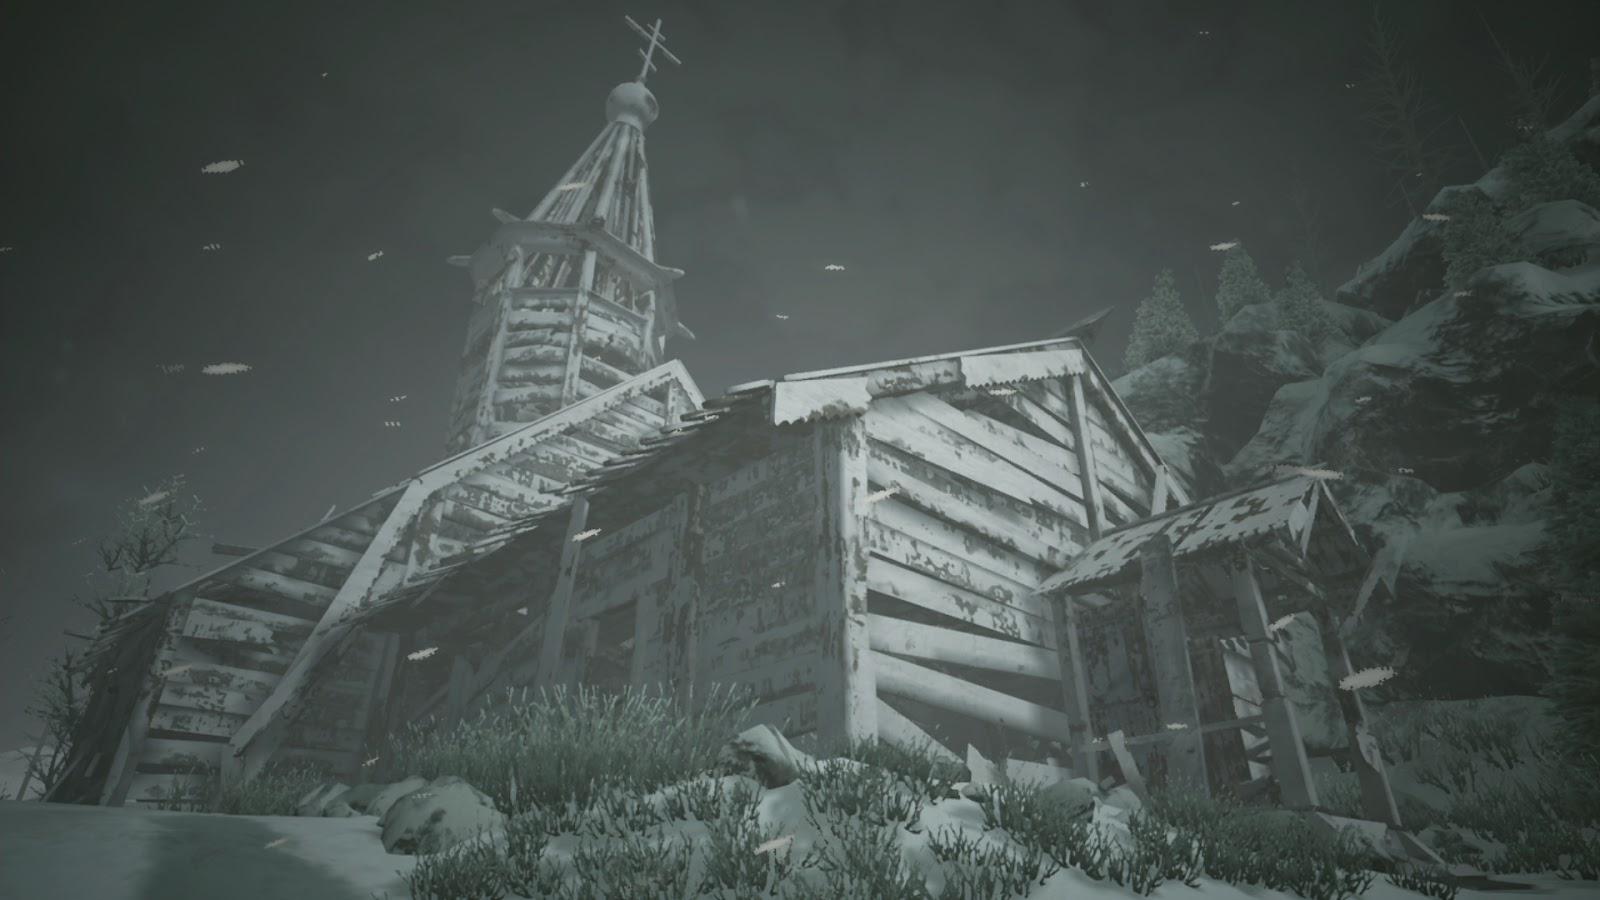 Eerie church